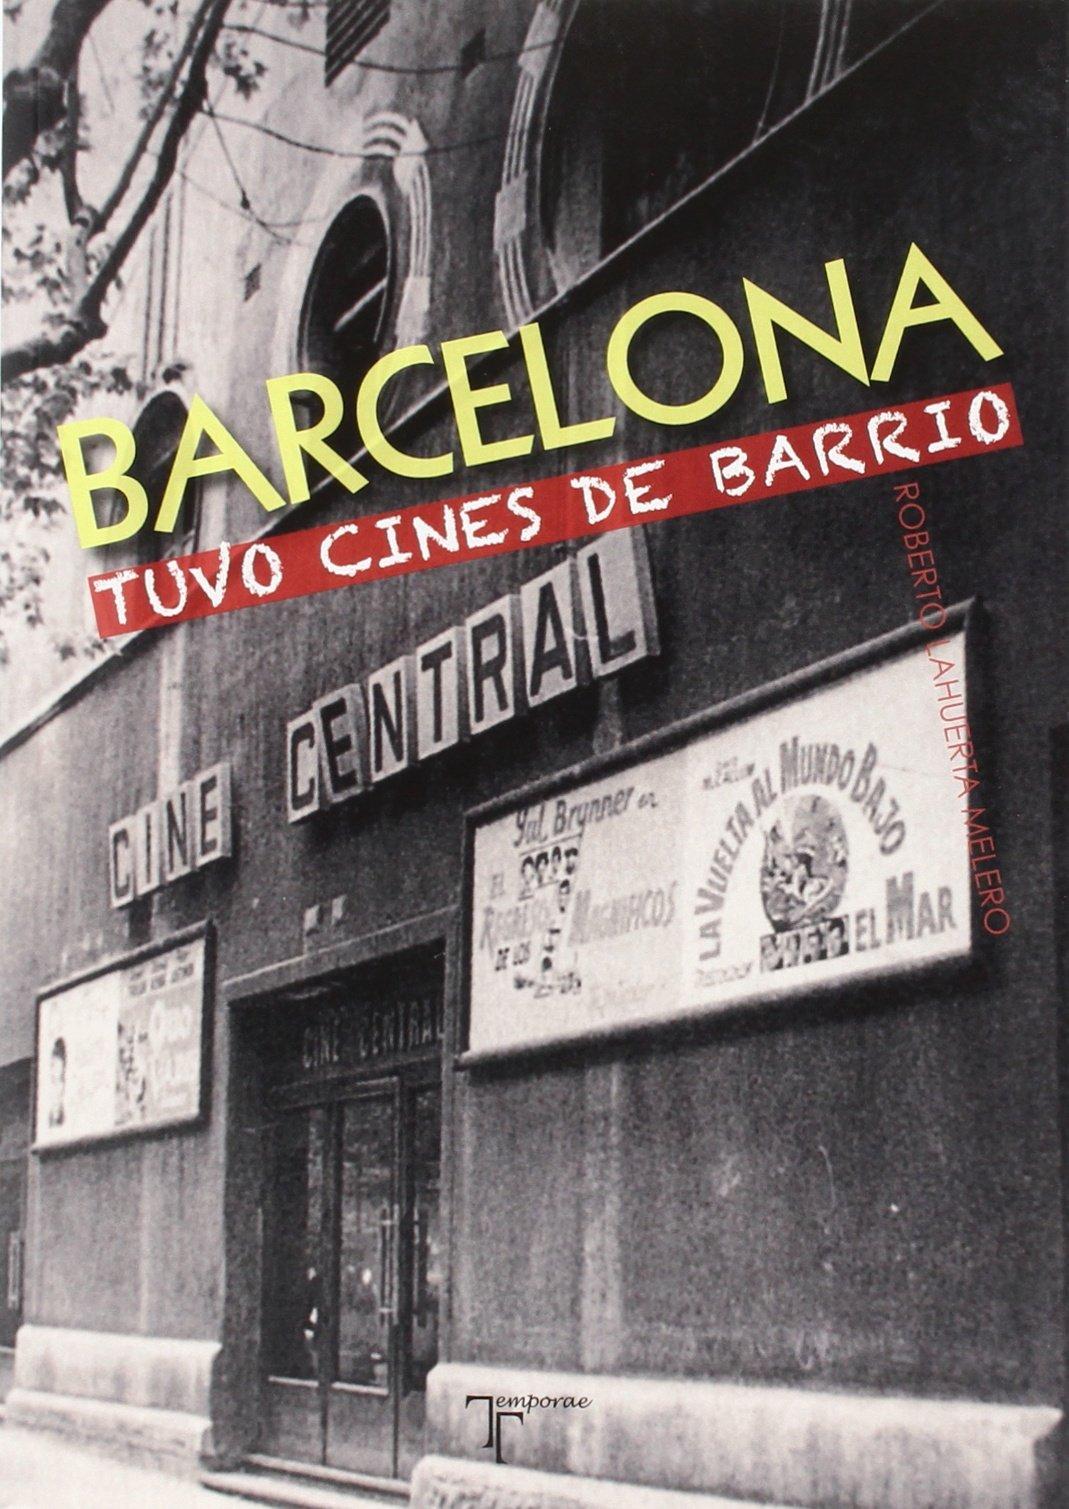 Barcelona tuvo cines de barrio: Amazon.es: Roberto Lahuerta ...